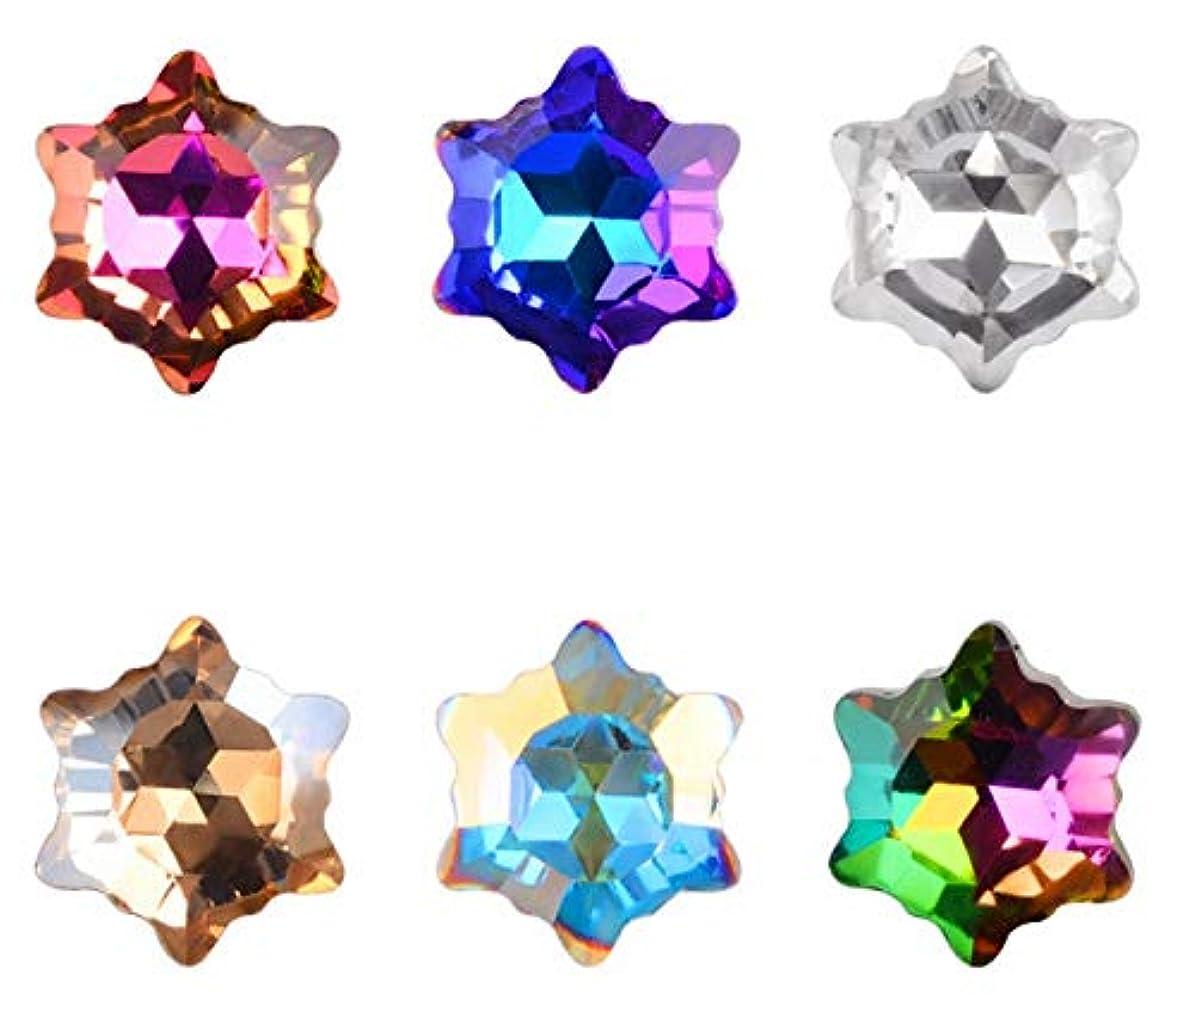 スリラー接続引き渡すTianmey 6Piecesネイル結晶ネイルズ装飾用宝石ストーンズアートラインストーンヒラタグラスチャームネイル